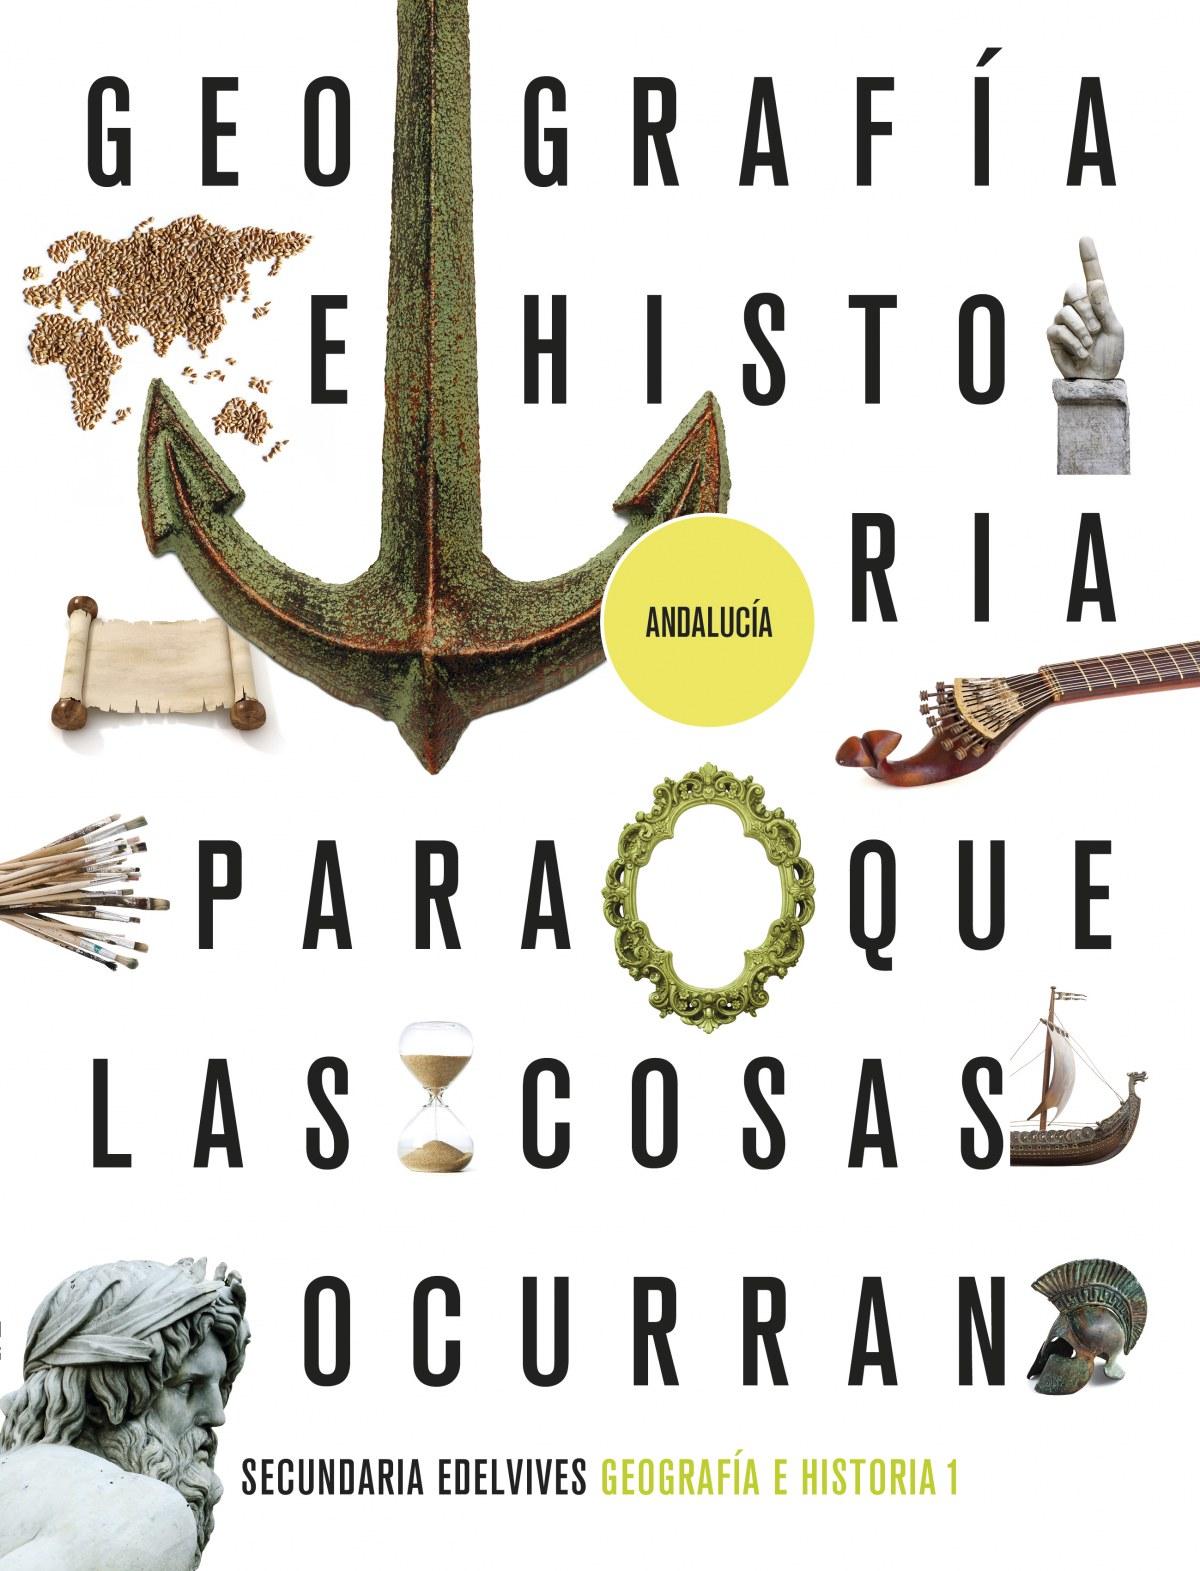 Proyecto: Para que las cosas ocurran - Geografía e Historia 1. Ed. Andalucía